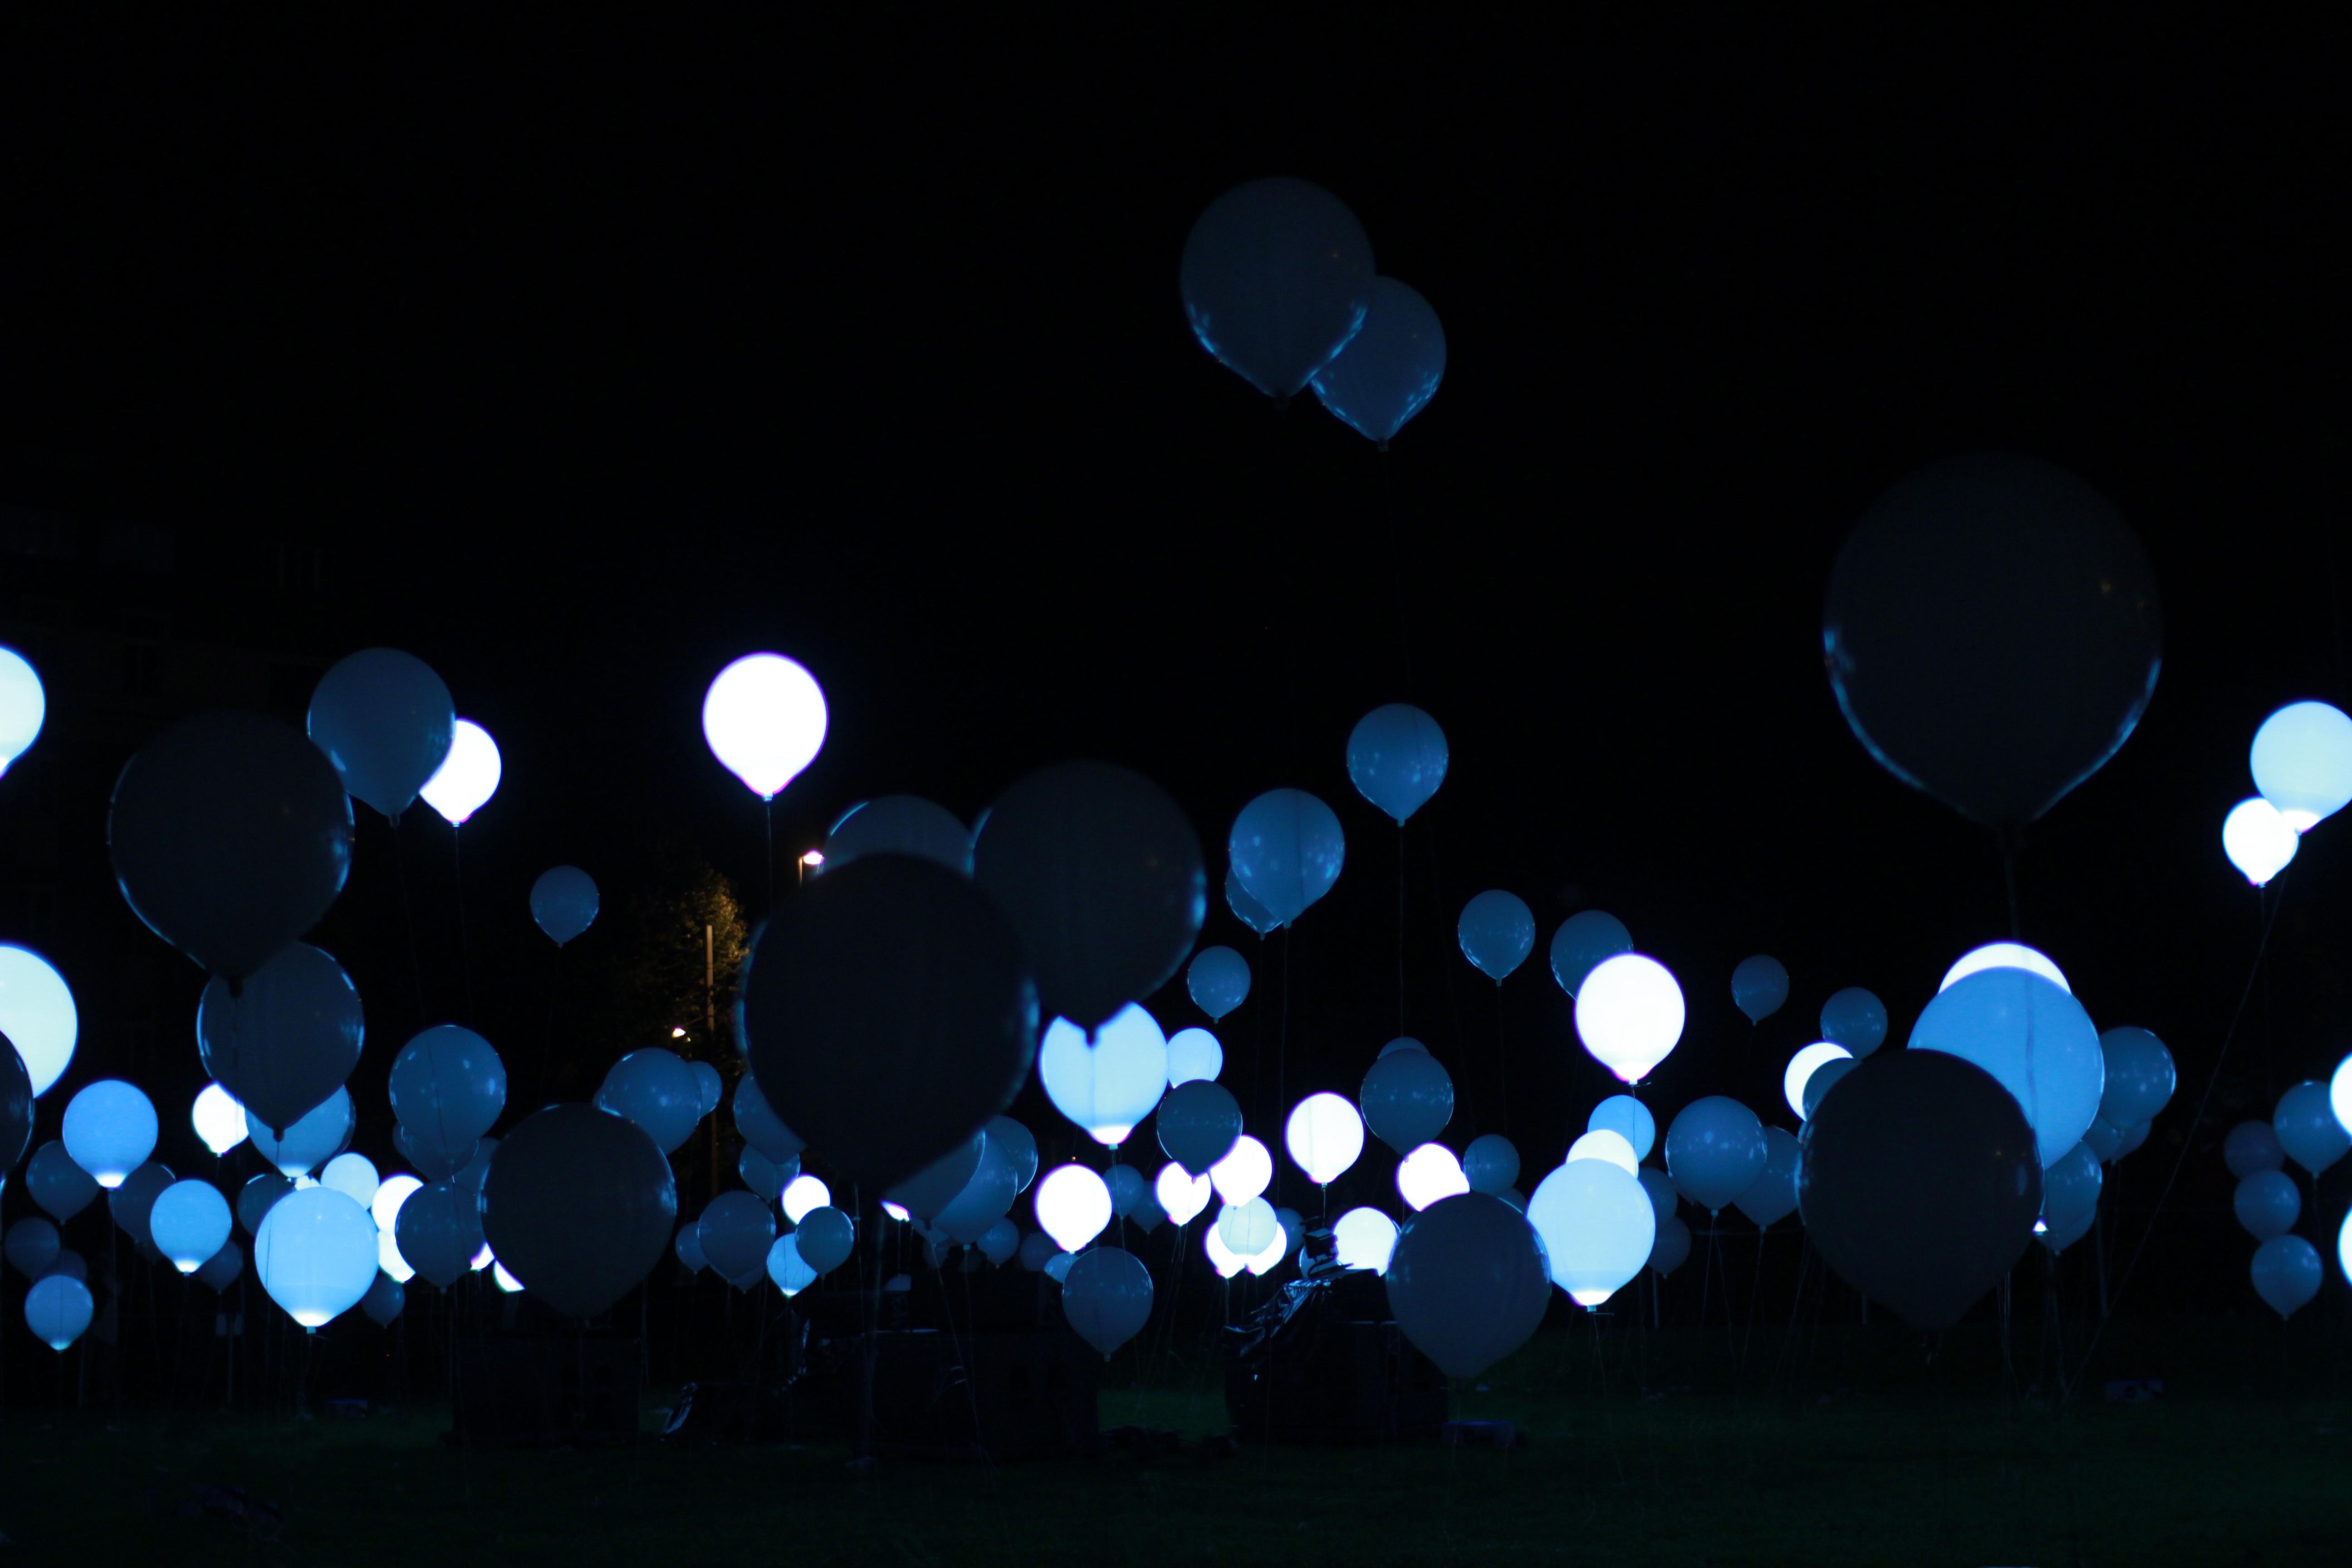 intre 23-25 aprilie, Primaria Municipiului Bucuresti, prin ARCUB, organizeaza prima editie a Festivalului International al Luminii - Spotlight.